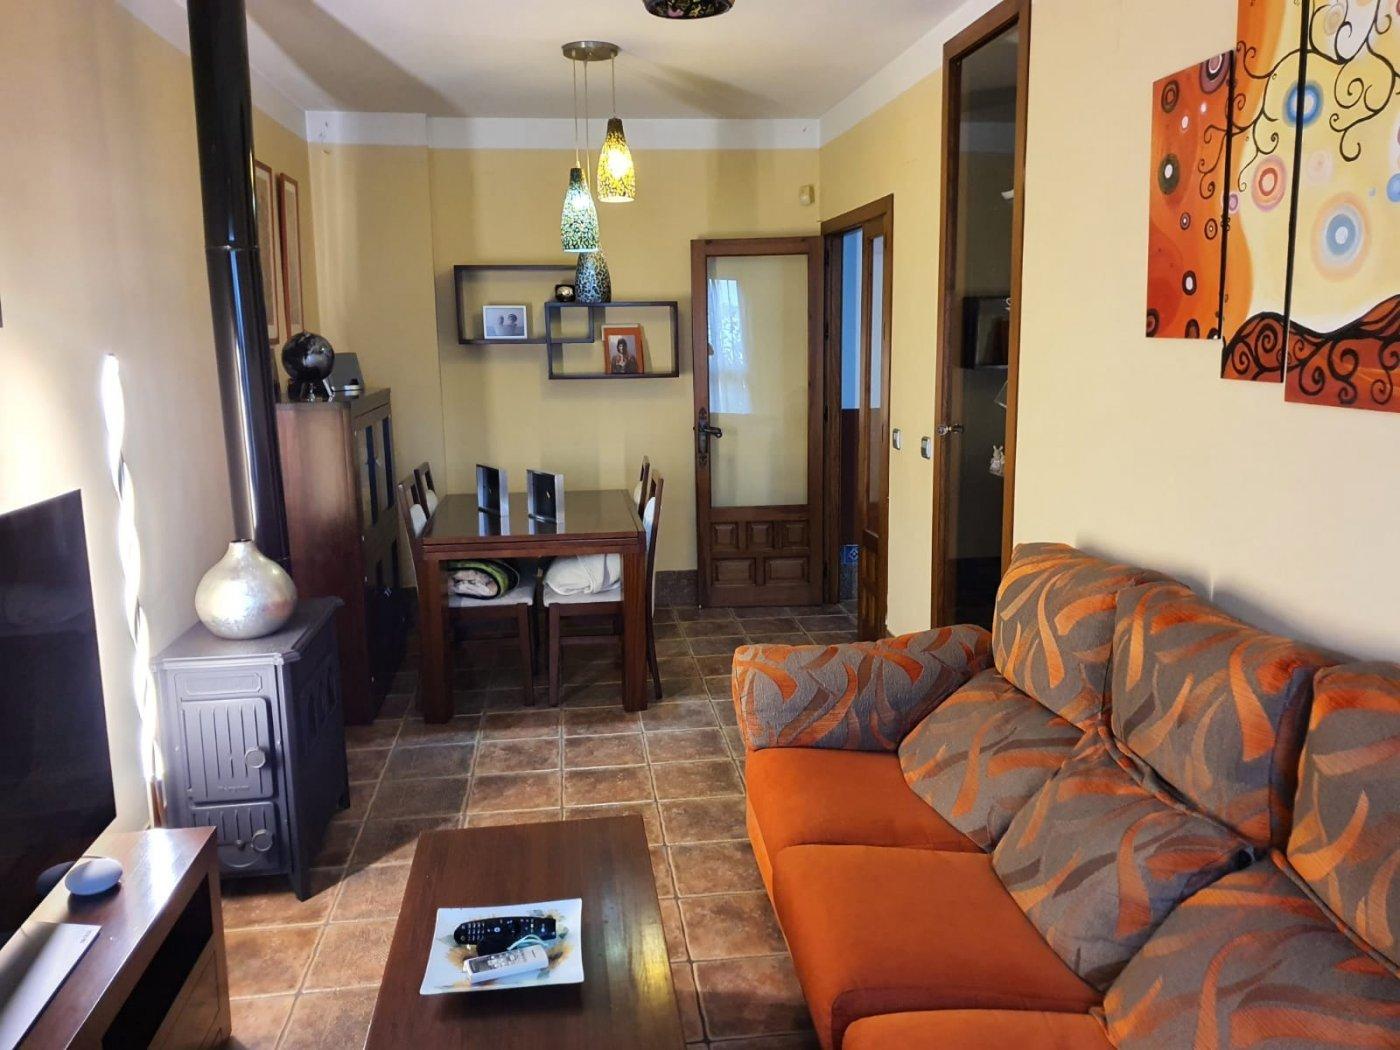 Casa preciosa 4 dormitorios en campo de la verdad zona baja - imagenInmueble0